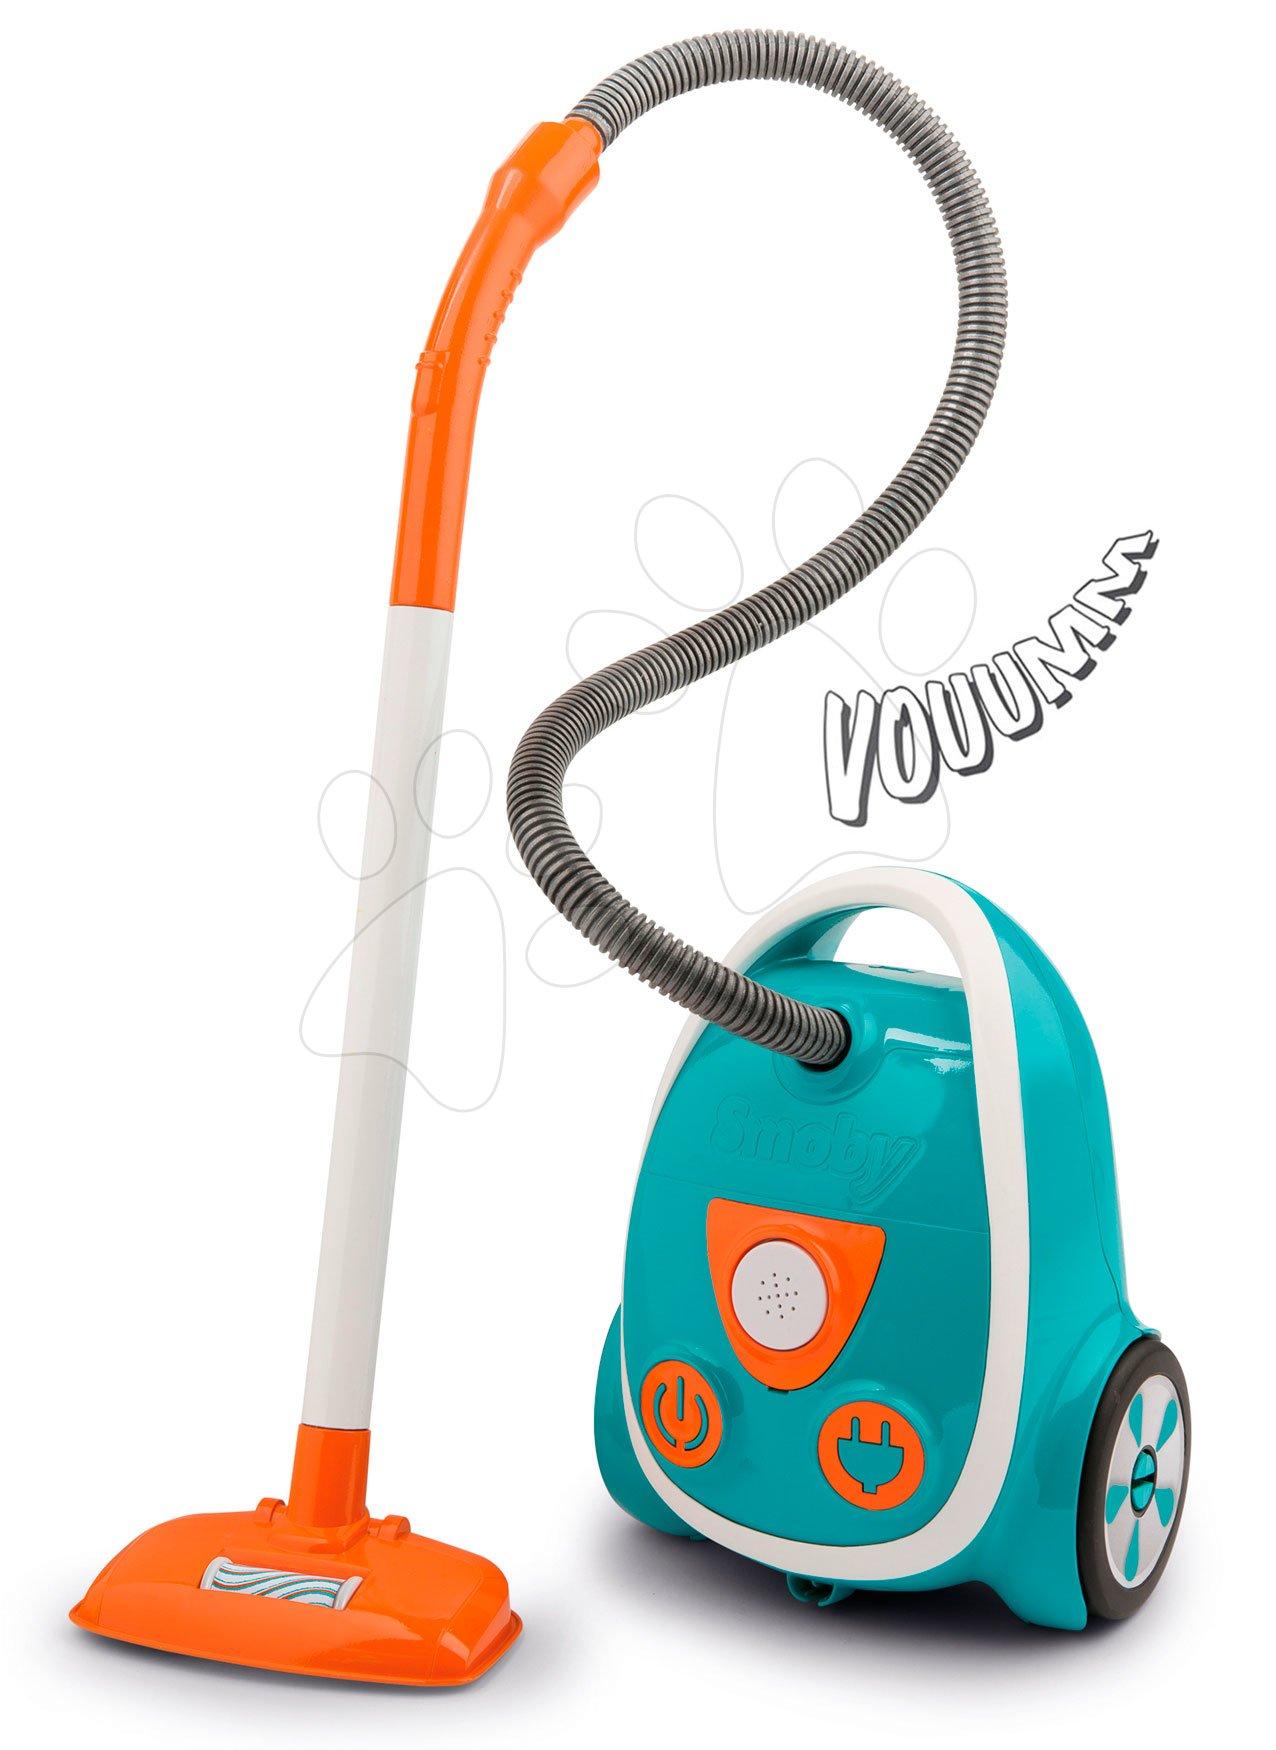 Vysávač elektronický Aqua Clean Vacuum Cleaner Blue Smoby s reálnym zvukom